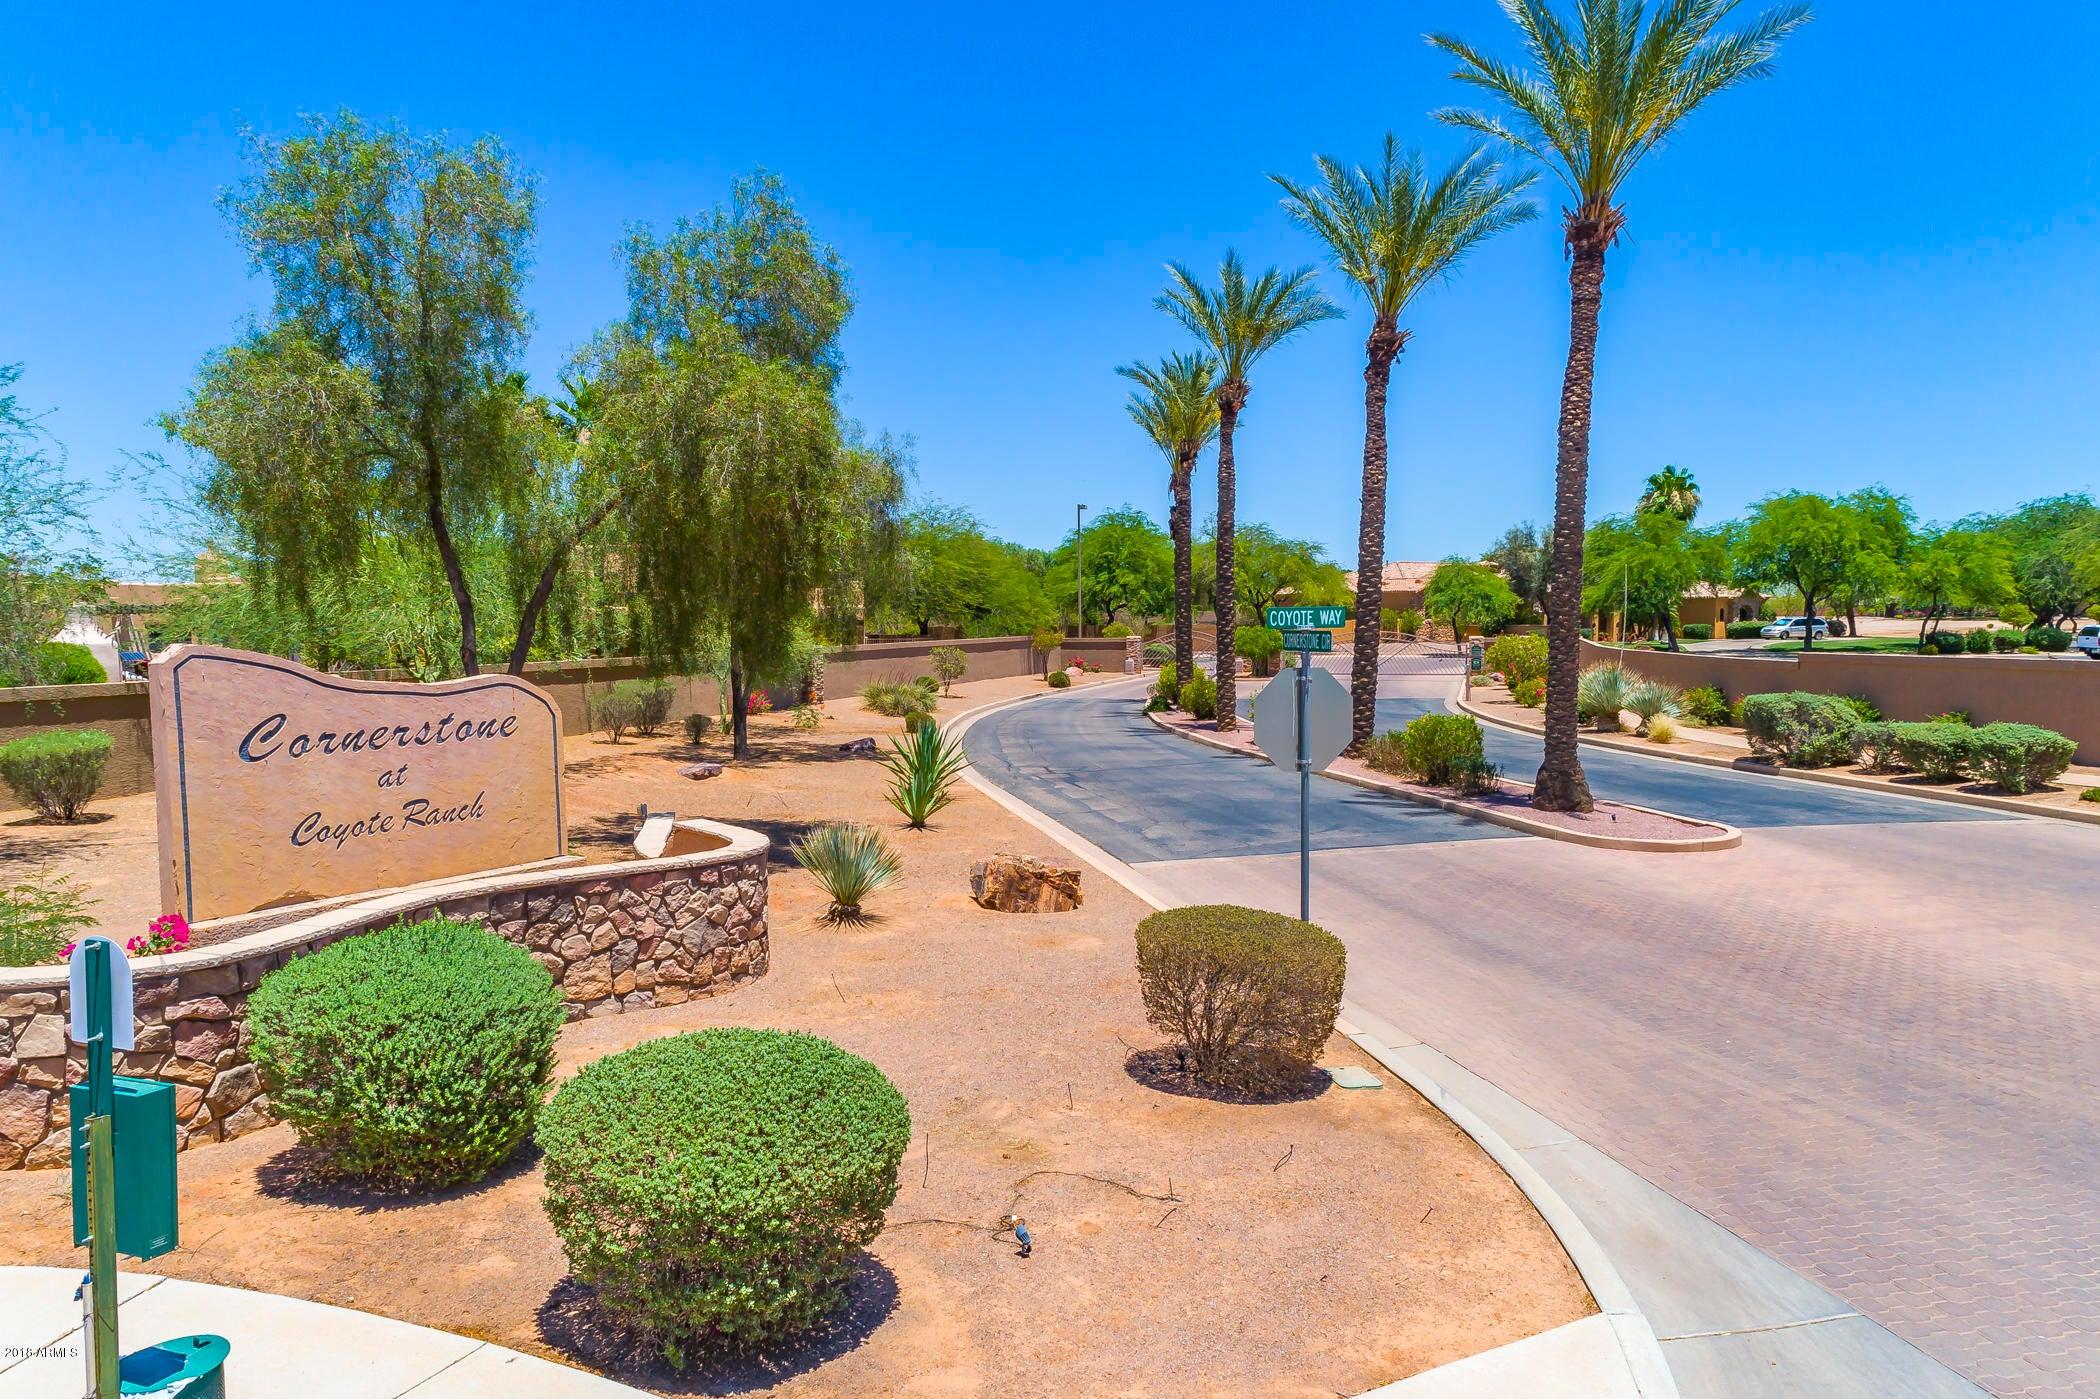 MLS 5701113 226 W CRIMSON SKY Court, Casa Grande, AZ 85122 Casa Grande AZ Newly Built